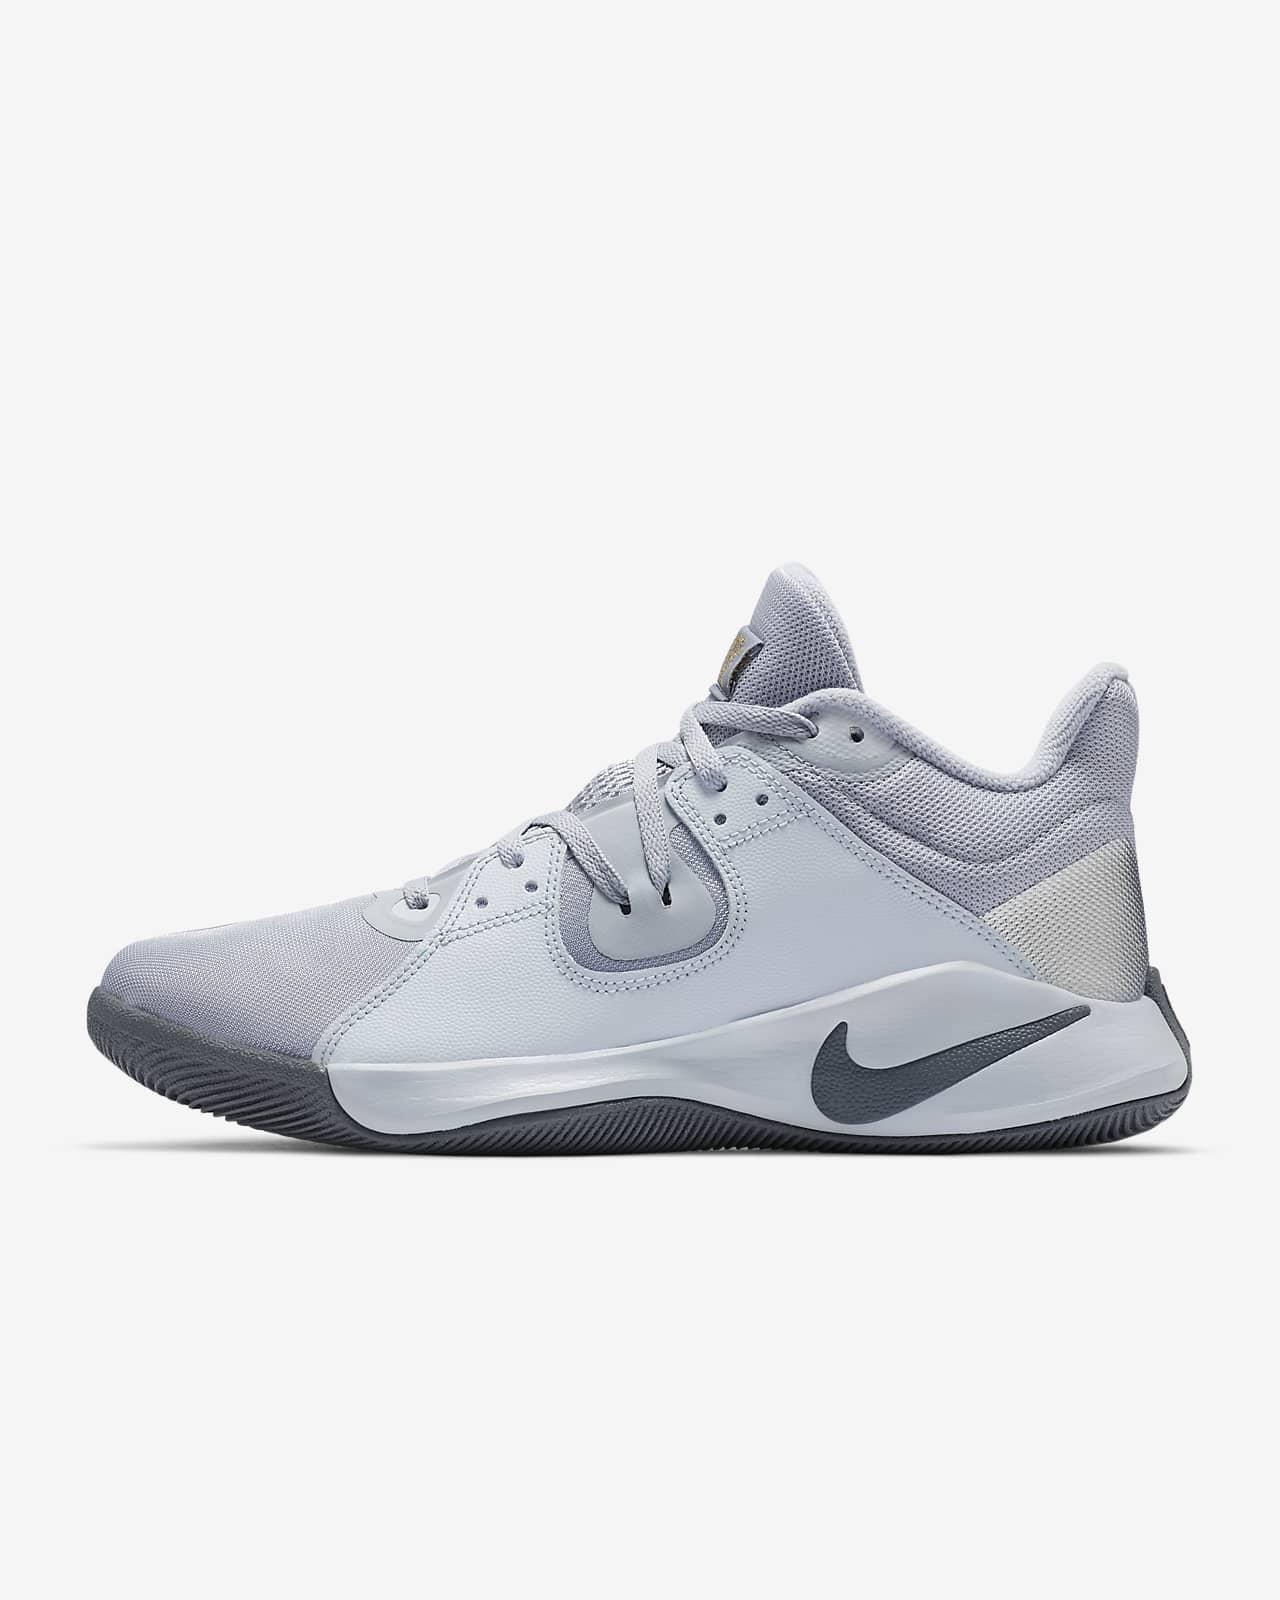 รองเท้าบาสเก็ตบอล Nike Fly.By Mid